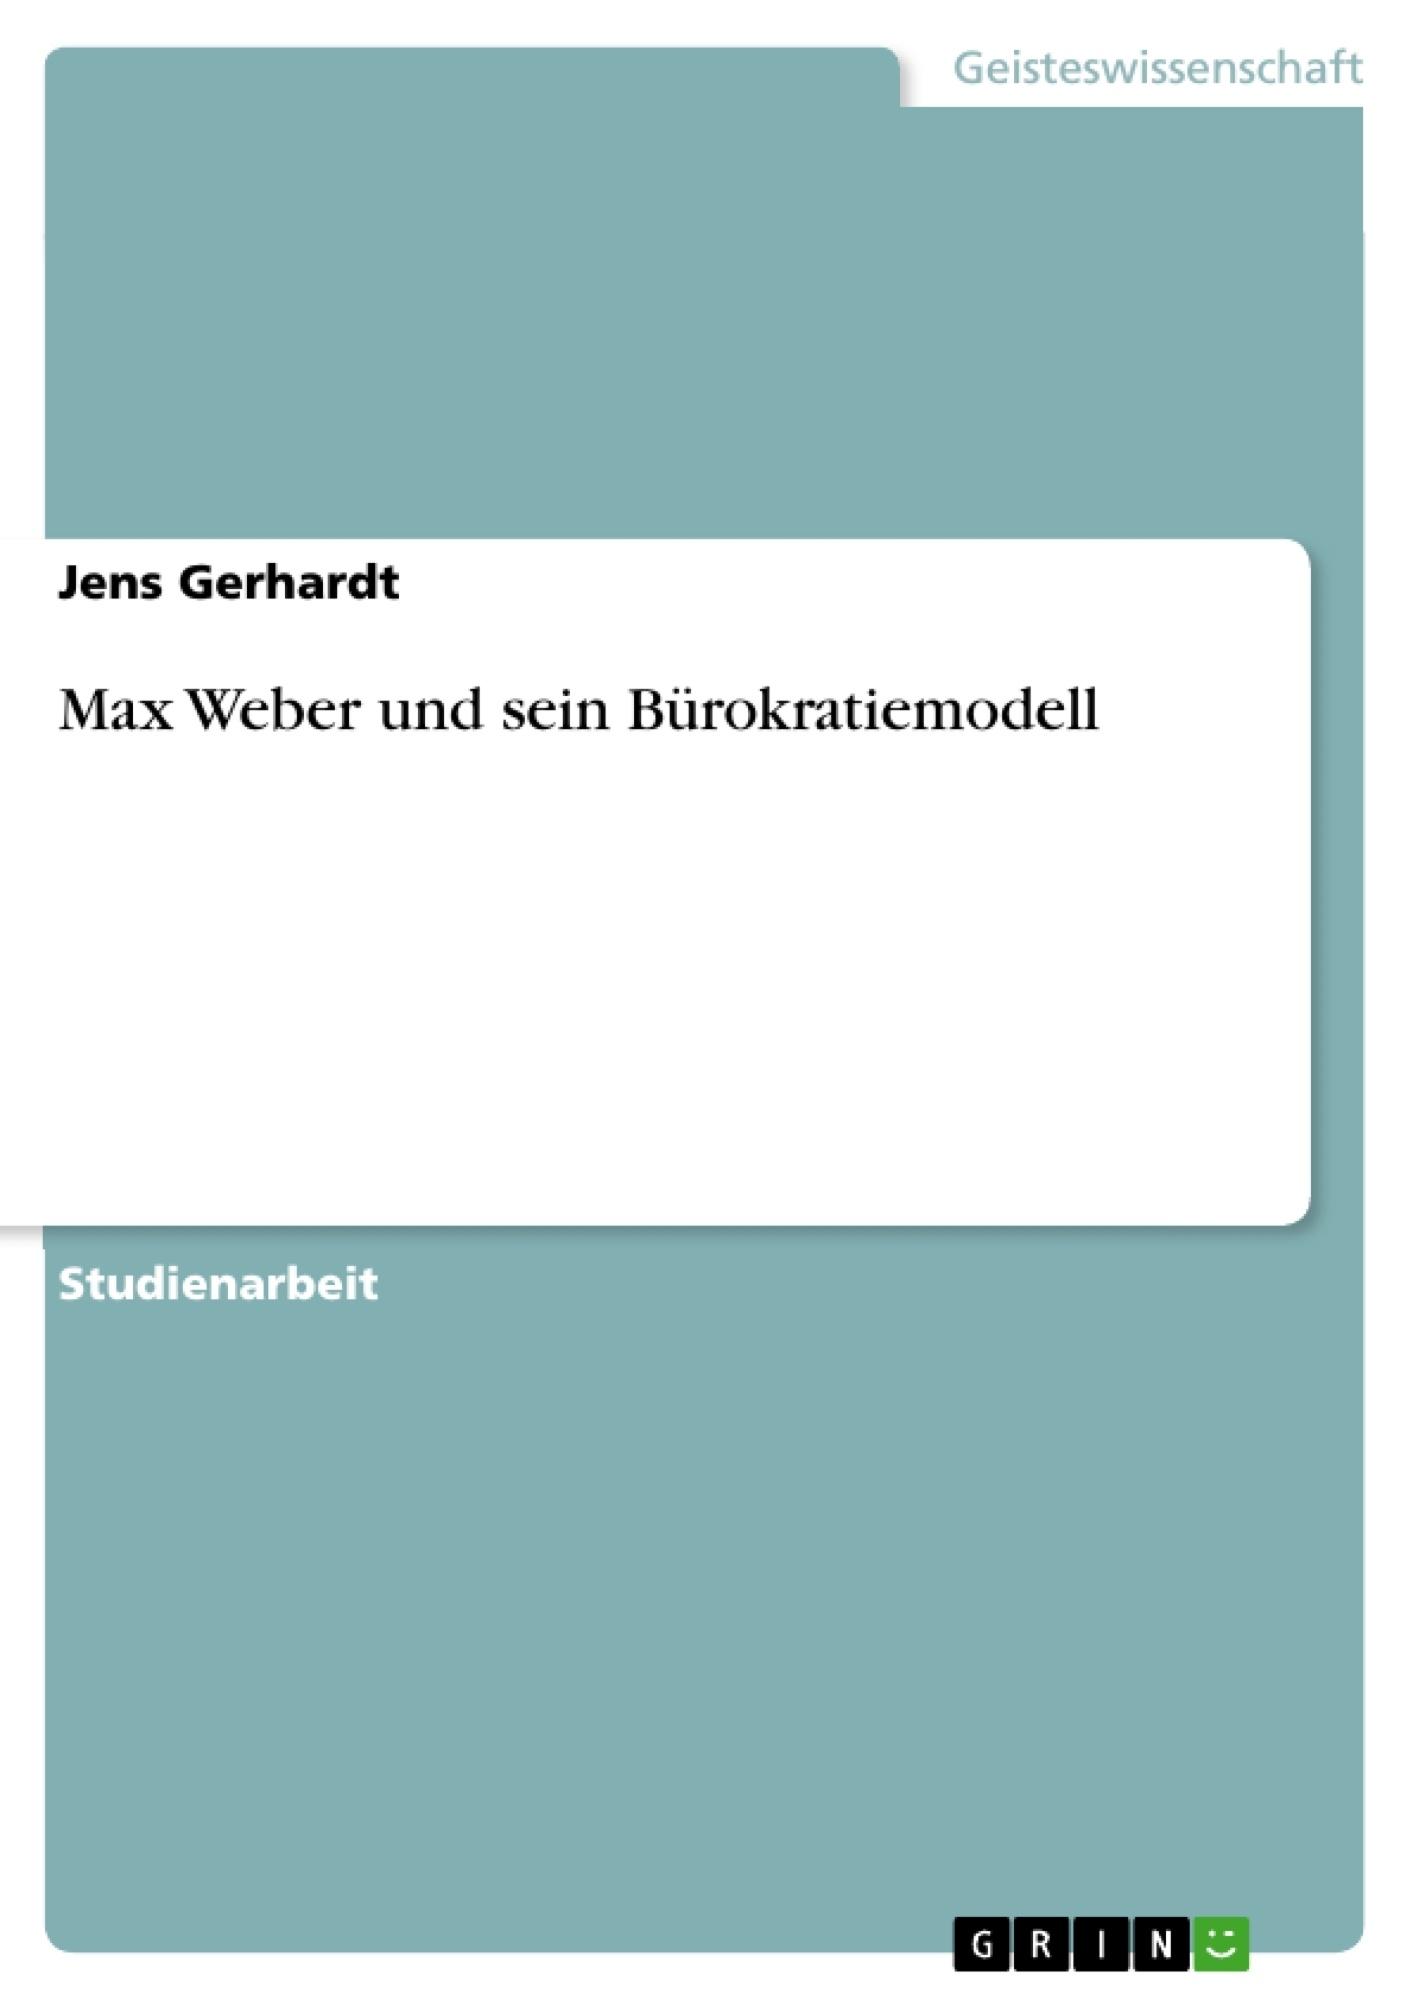 Titel: Max Weber und sein Bürokratiemodell